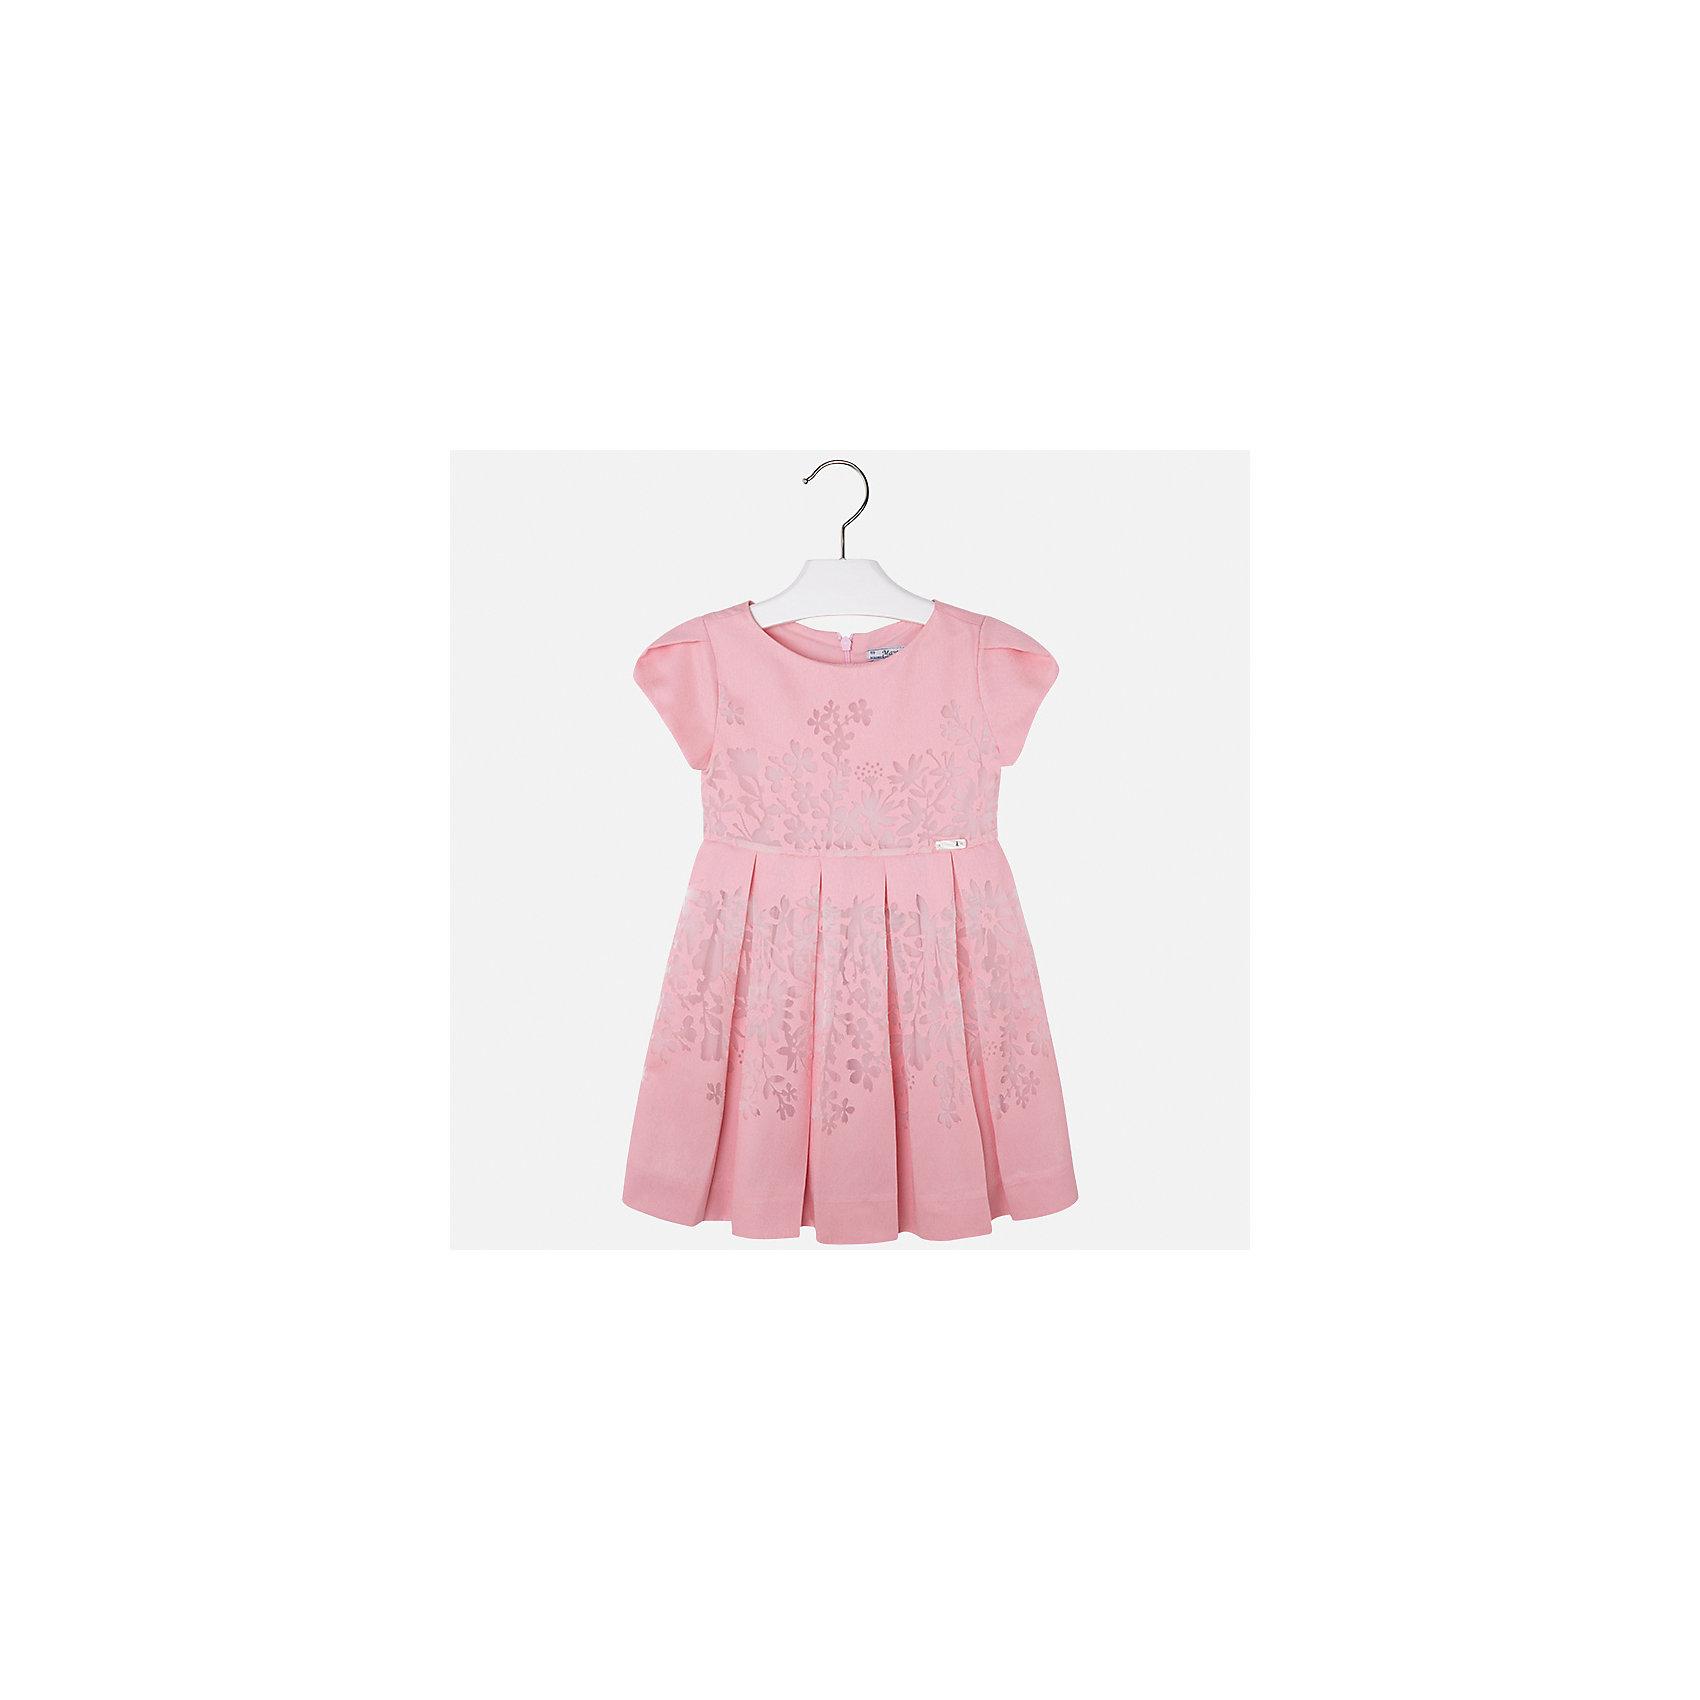 Платье для девочки MayoralОдежда<br>Характеристики товара:<br><br>• цвет: розовый<br>• состав: 80% вискоза, 20% полиэстер, подкладка - 65% полиэстер, 35% хлопок<br>• застежка: молния<br>• легкий материал<br>• цветочный рисунок<br>• без рукавов<br>• с подкладкой<br>• страна бренда: Испания<br><br>Красивое легкое платье для девочки поможет разнообразить гардероб ребенка и создать эффектный наряд. Оно подойдет и для торжественных случаев, может быть и как ежедневный наряд. Красивый оттенок позволяет подобрать к вещи обувь разных расцветок. В составе материала подкладки - натуральный хлопок, гипоаллергенный, приятный на ощупь, дышащий. Платье хорошо сидит по фигуре.<br><br>Одежда, обувь и аксессуары от испанского бренда Mayoral полюбились детям и взрослым по всему миру. Модели этой марки - стильные и удобные. Для их производства используются только безопасные, качественные материалы и фурнитура. Порадуйте ребенка модными и красивыми вещами от Mayoral! <br><br>Платье для девочки от испанского бренда Mayoral (Майорал) можно купить в нашем интернет-магазине.<br><br>Ширина мм: 236<br>Глубина мм: 16<br>Высота мм: 184<br>Вес г: 177<br>Цвет: разноцветный<br>Возраст от месяцев: 96<br>Возраст до месяцев: 108<br>Пол: Женский<br>Возраст: Детский<br>Размер: 134,98,104,110,116,122,128<br>SKU: 5291084